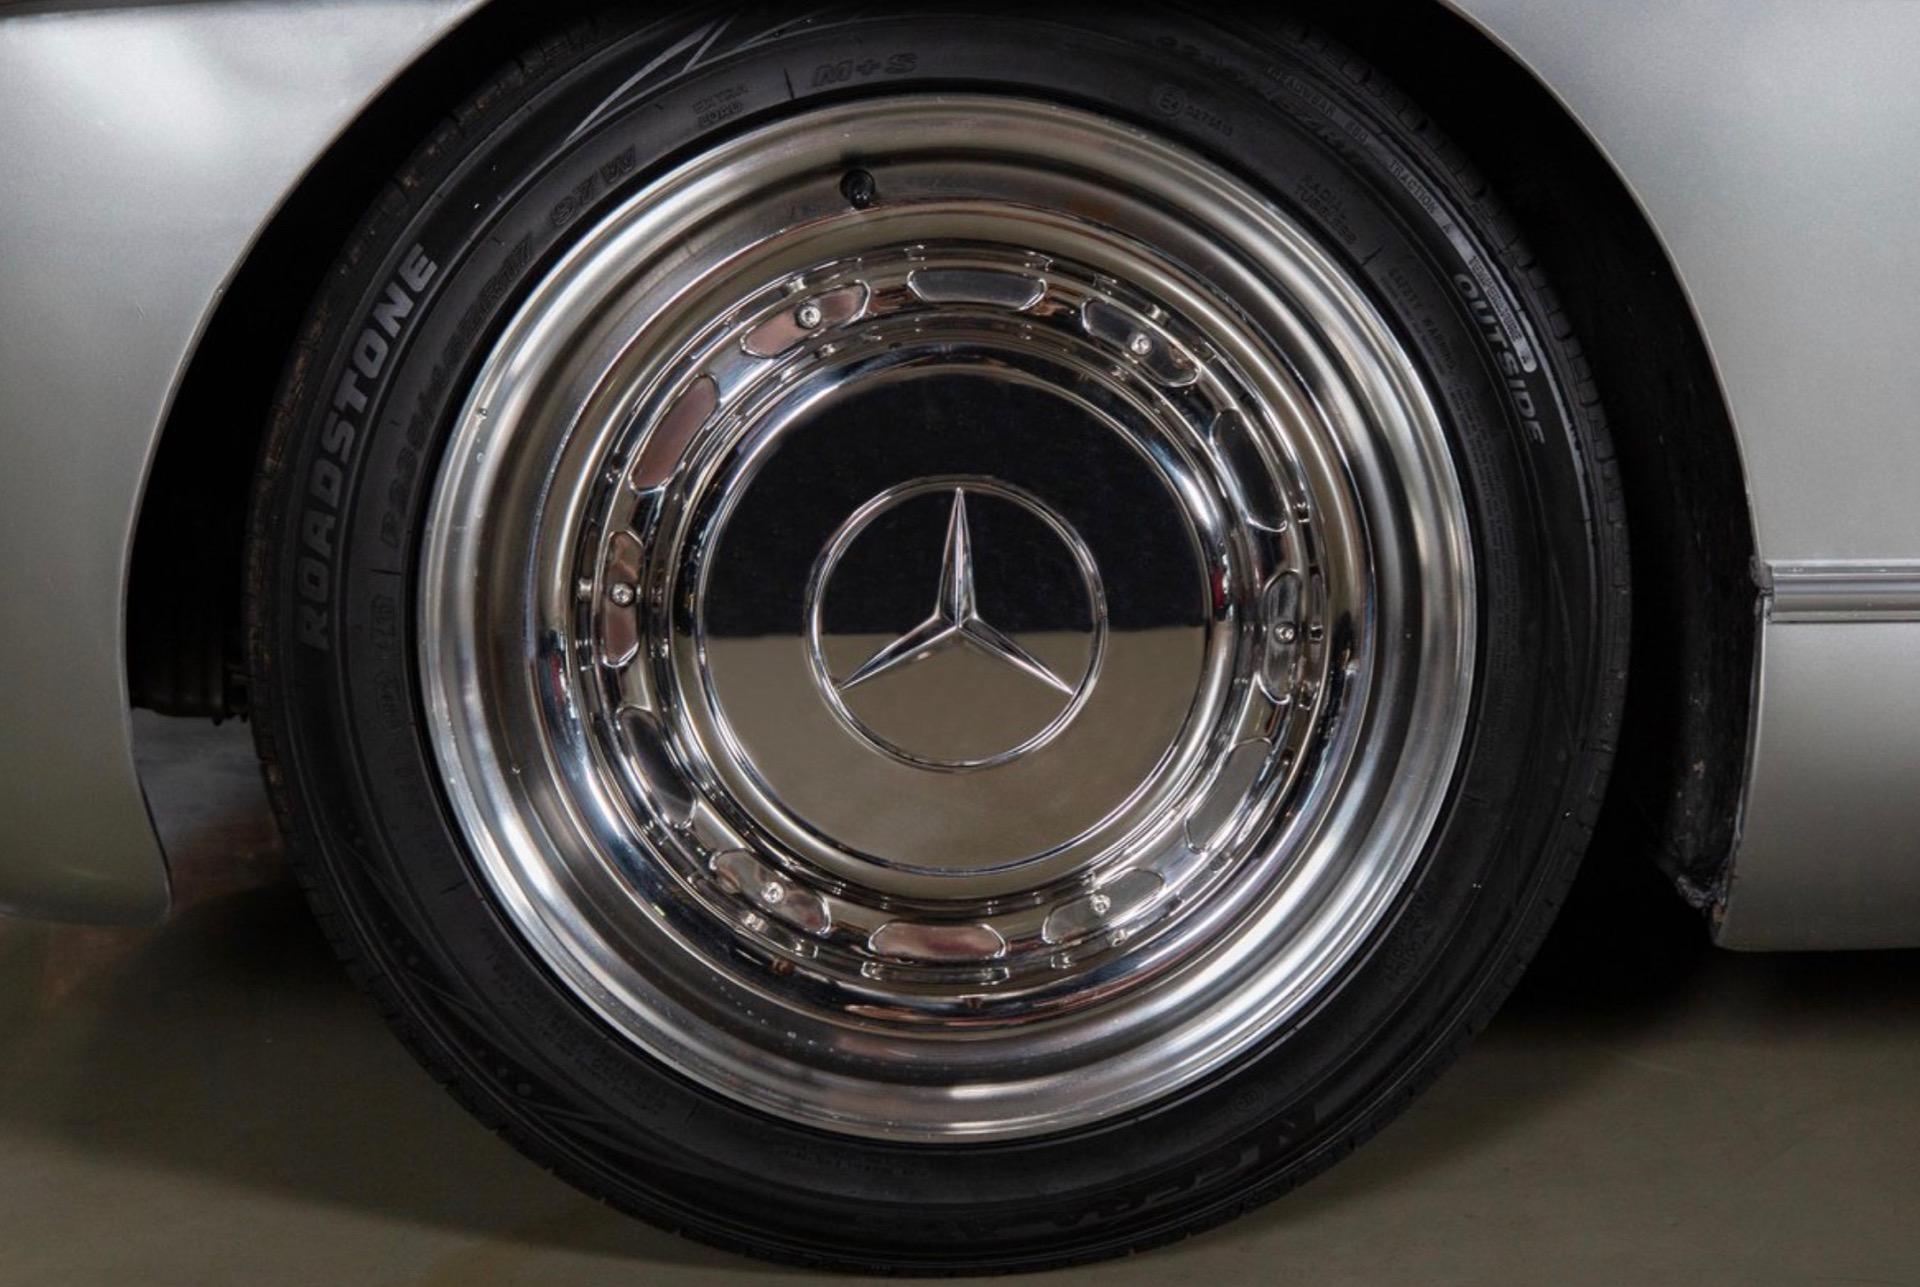 The Mercedes-Benz 300SL